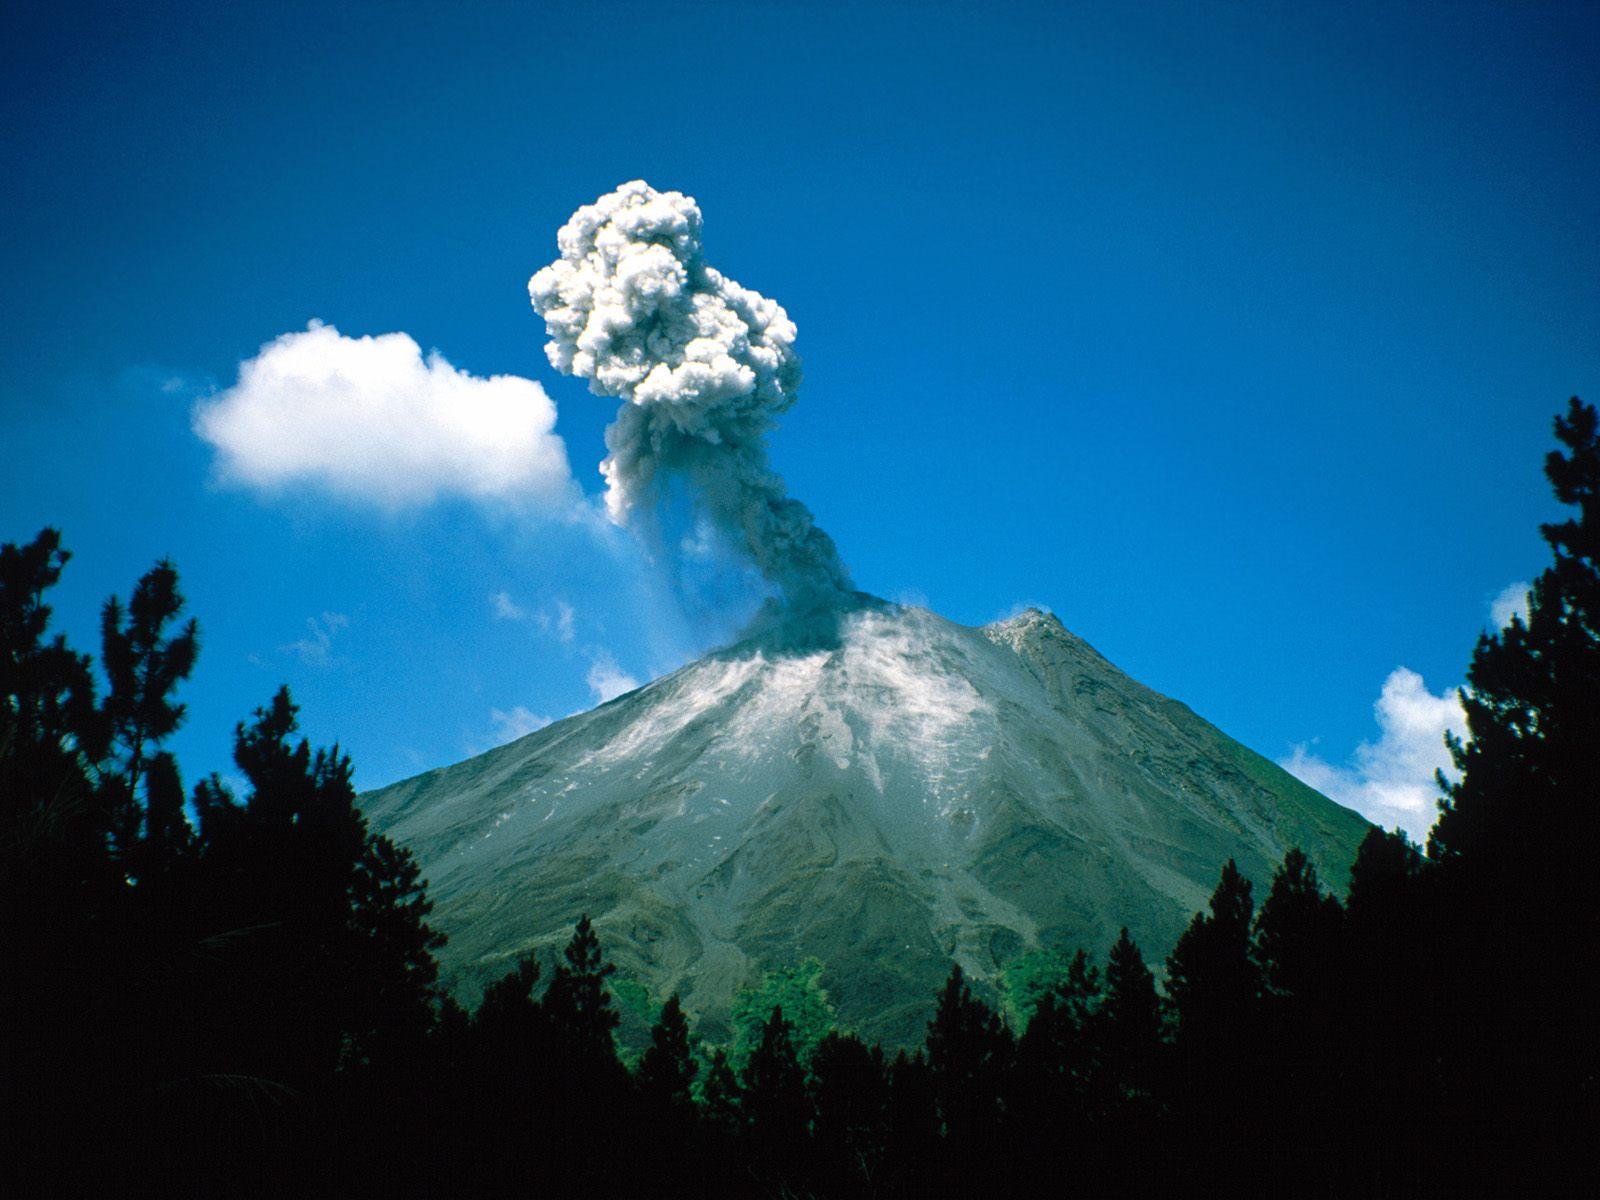 http://3.bp.blogspot.com/-A_57_SV_SVs/TkzjLMgZnvI/AAAAAAAAAV4/WNXlm6KR4MA/s1600/Mountain-Pictures-For-Desktop.jpg